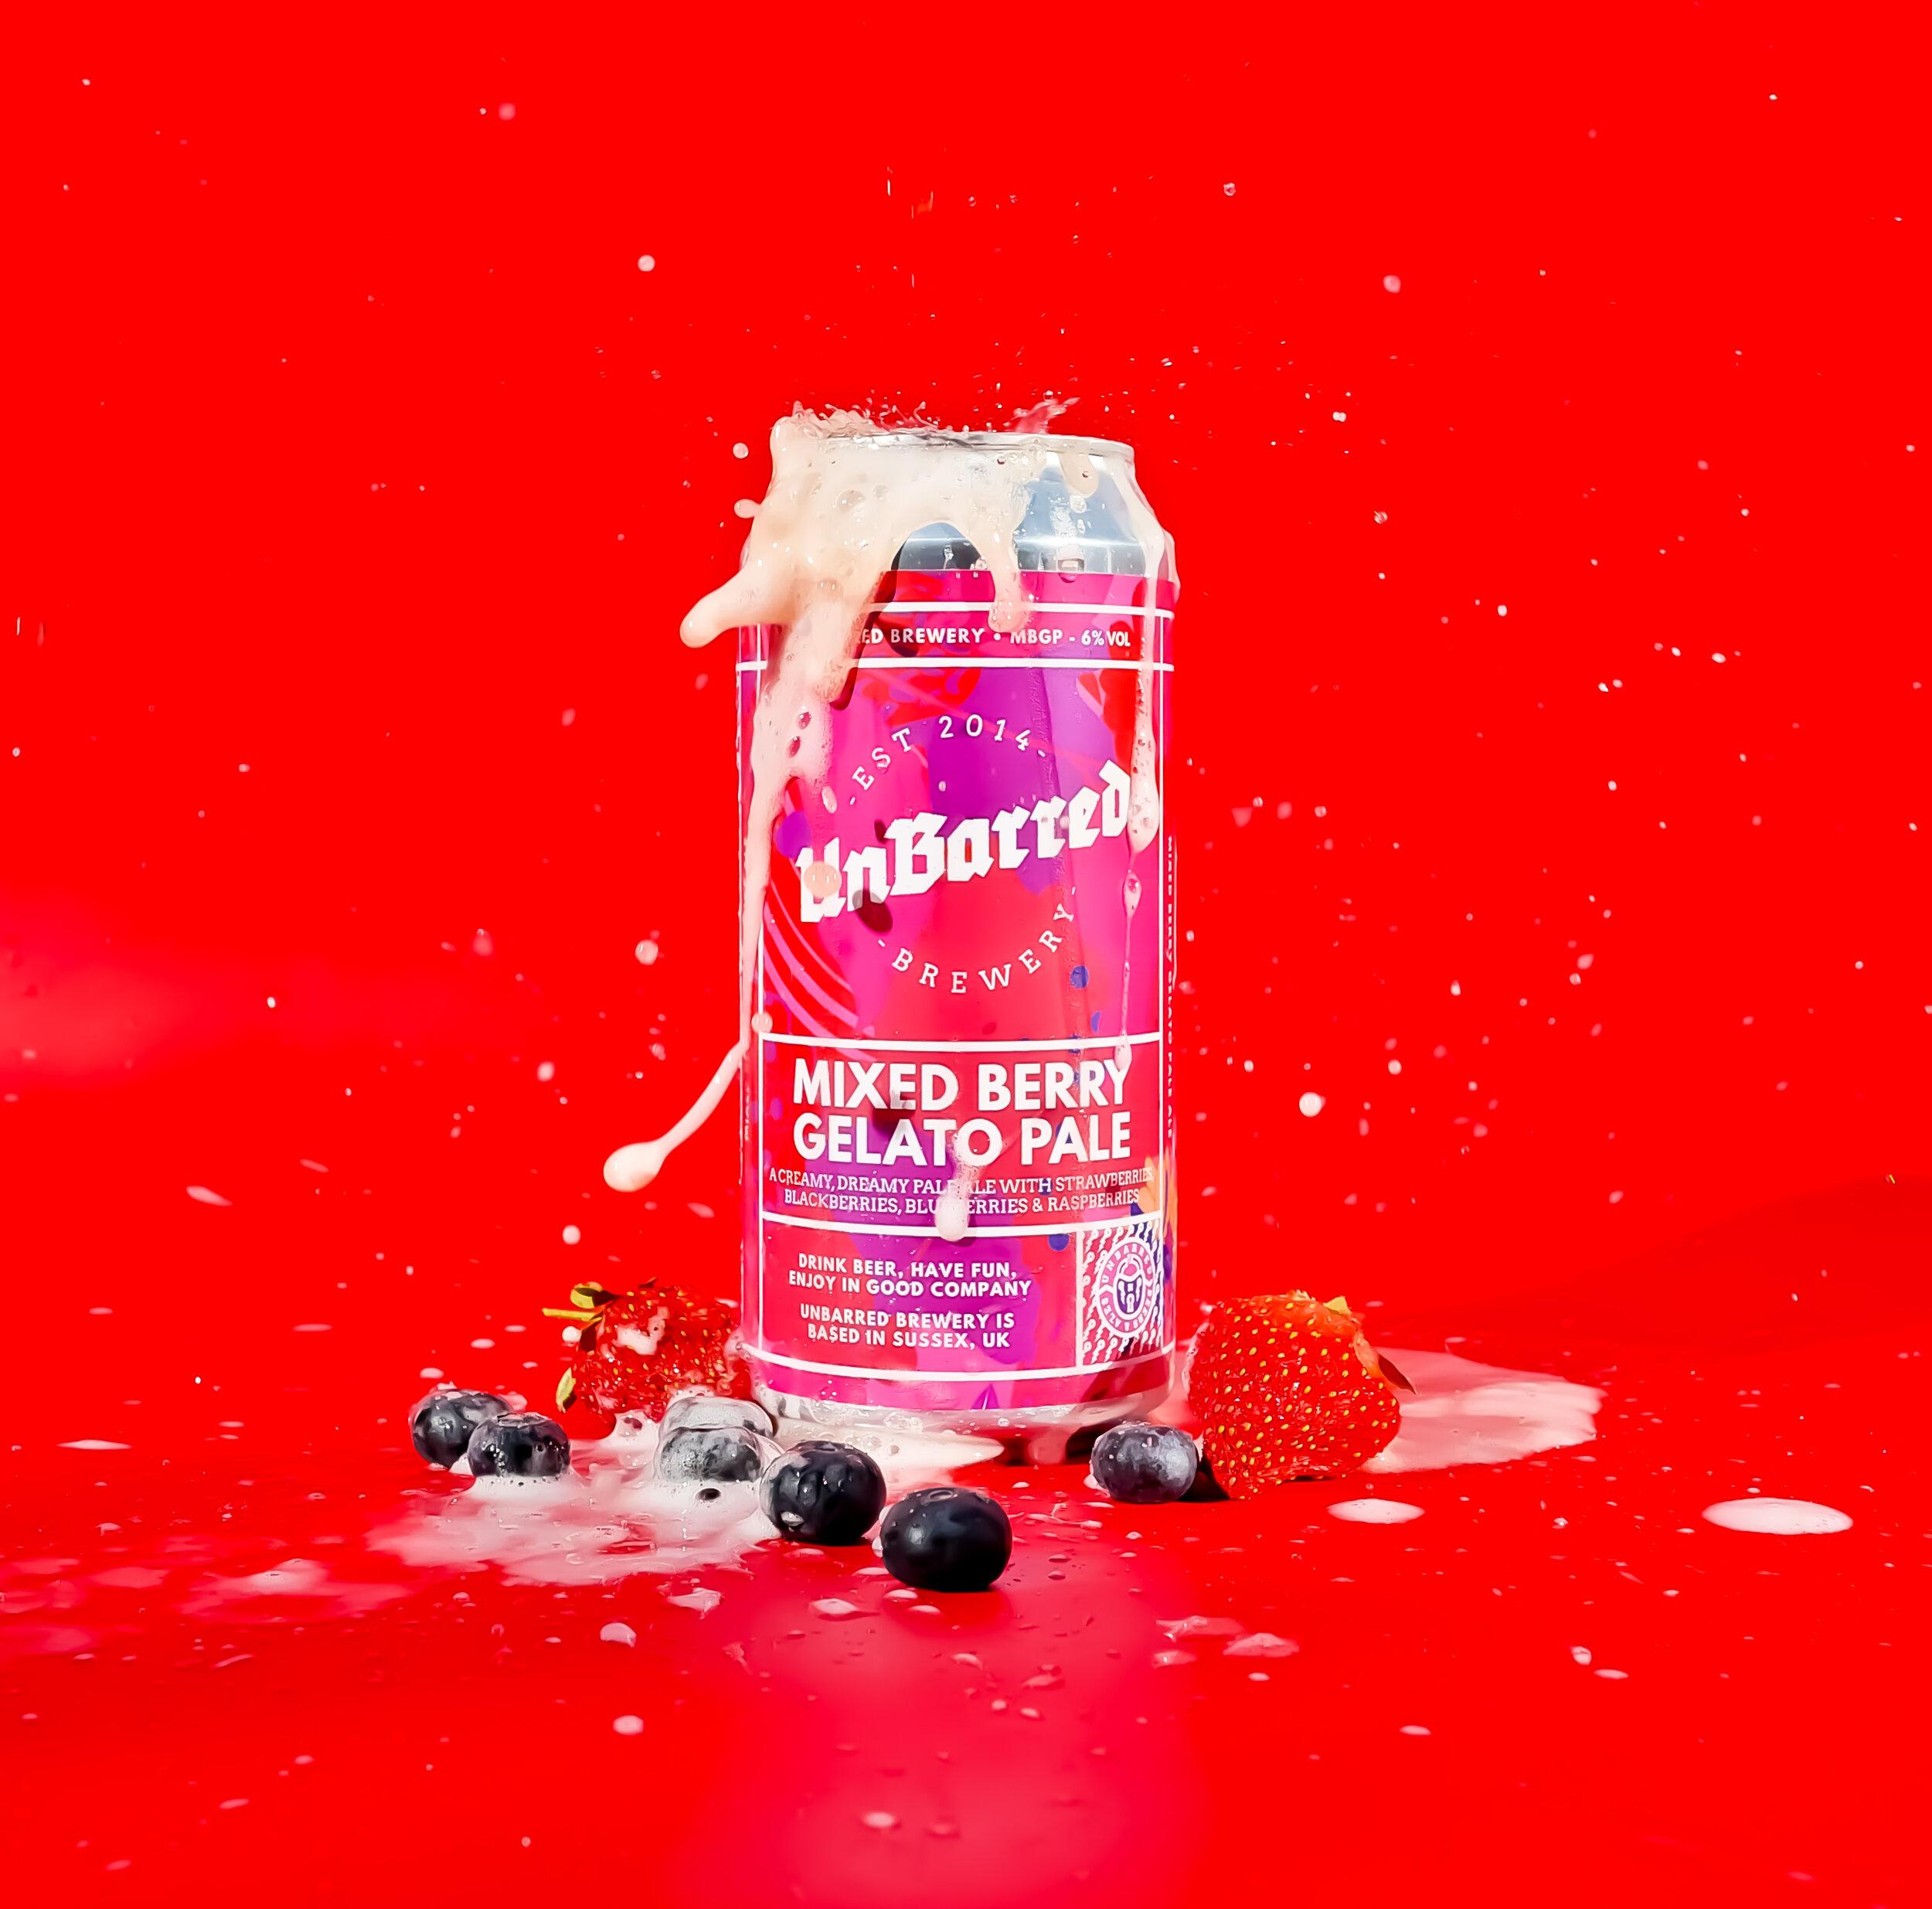 Mixed Berry Gelato